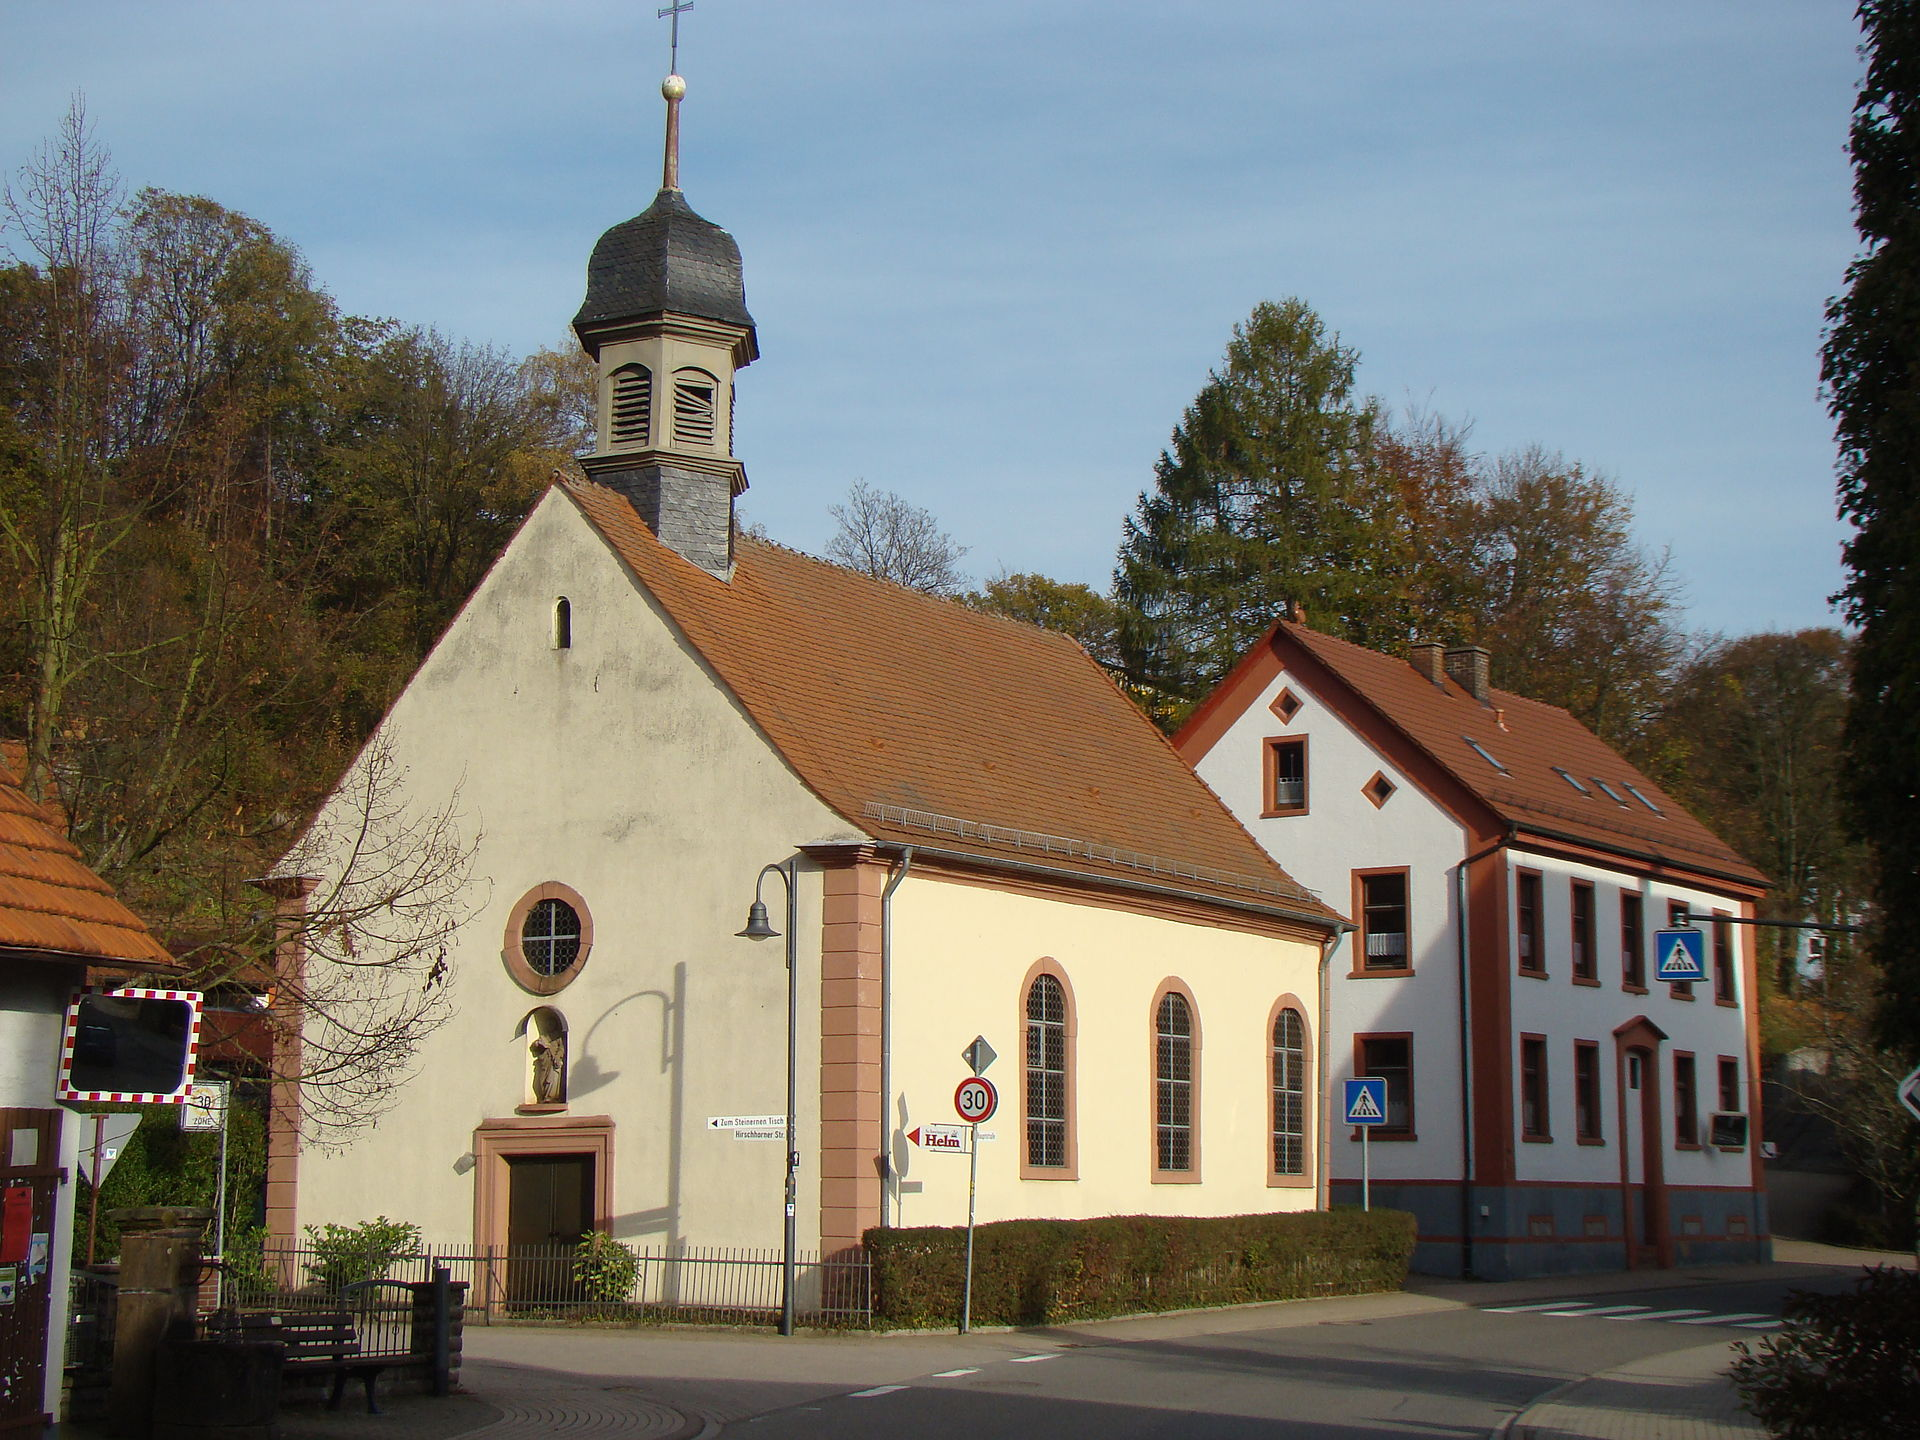 Waldwimmersbach